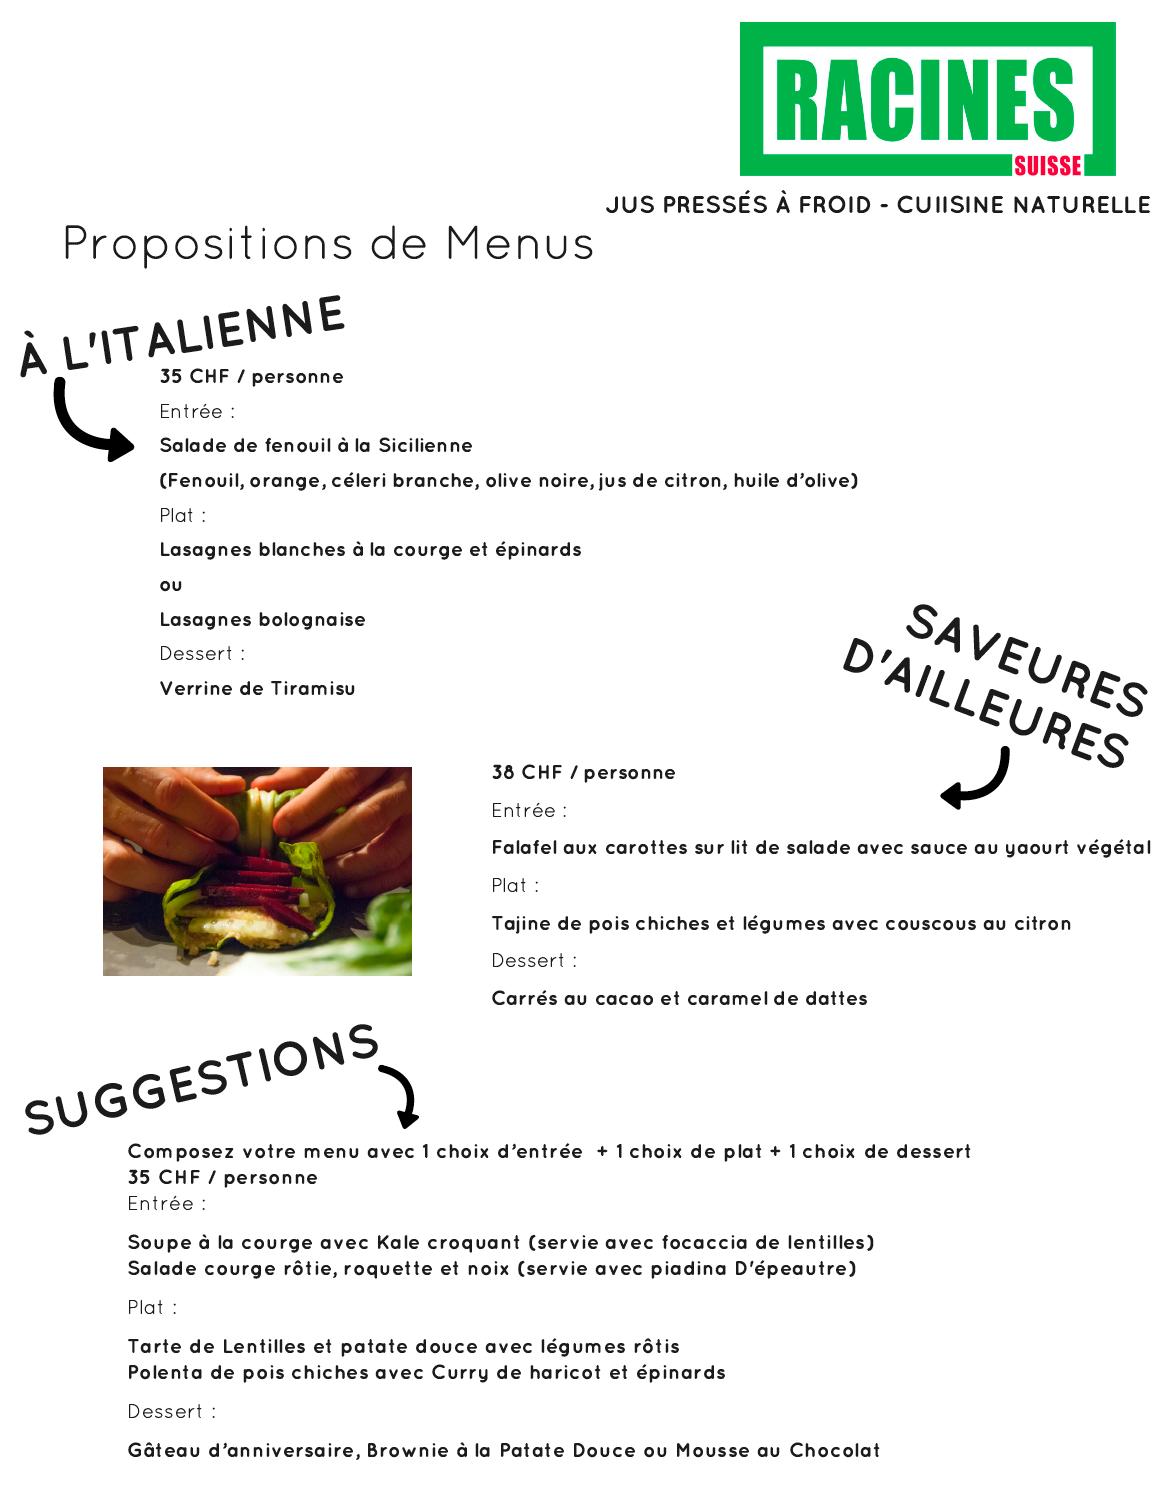 RACINES-Propositions de Menus.png